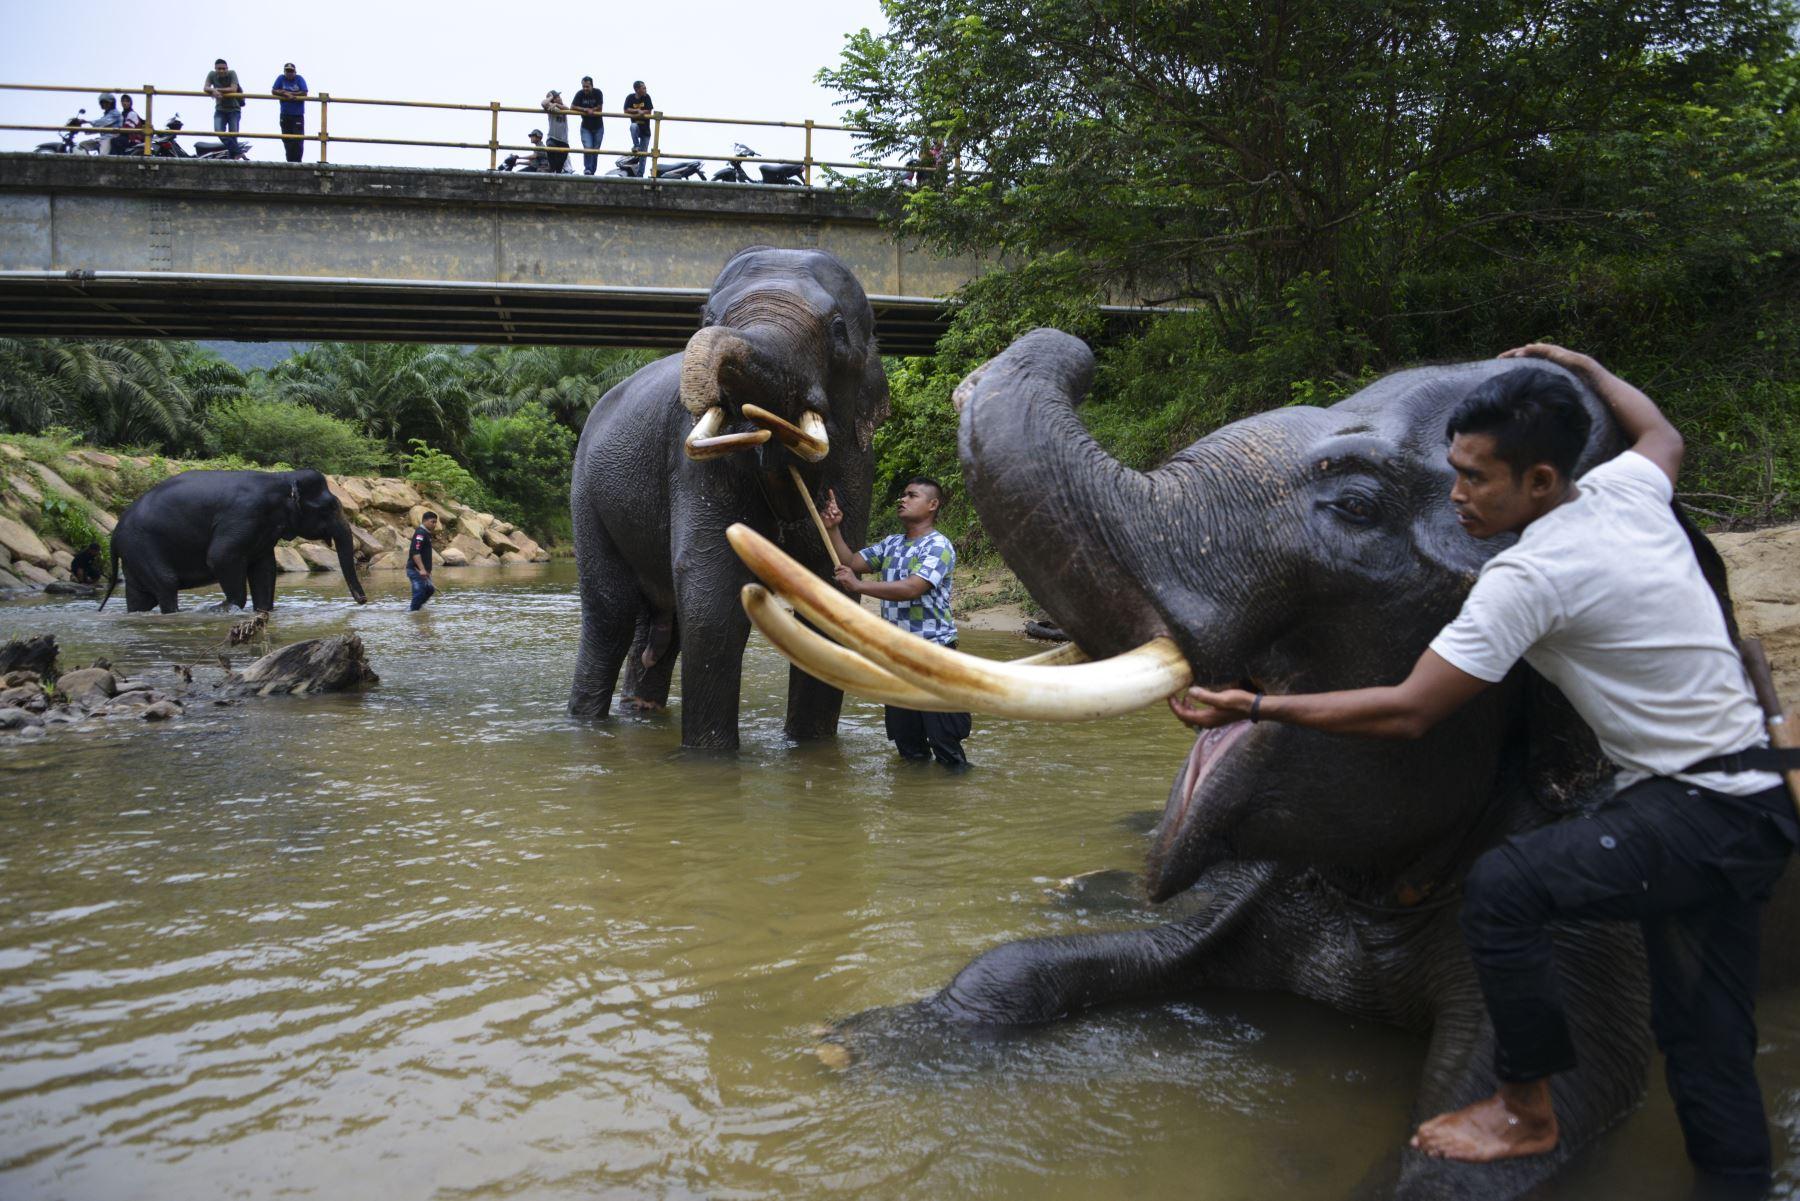 Mahouts de Indonesia bañan elefantes de Sumatra en el río Trumon. Foto: AFP